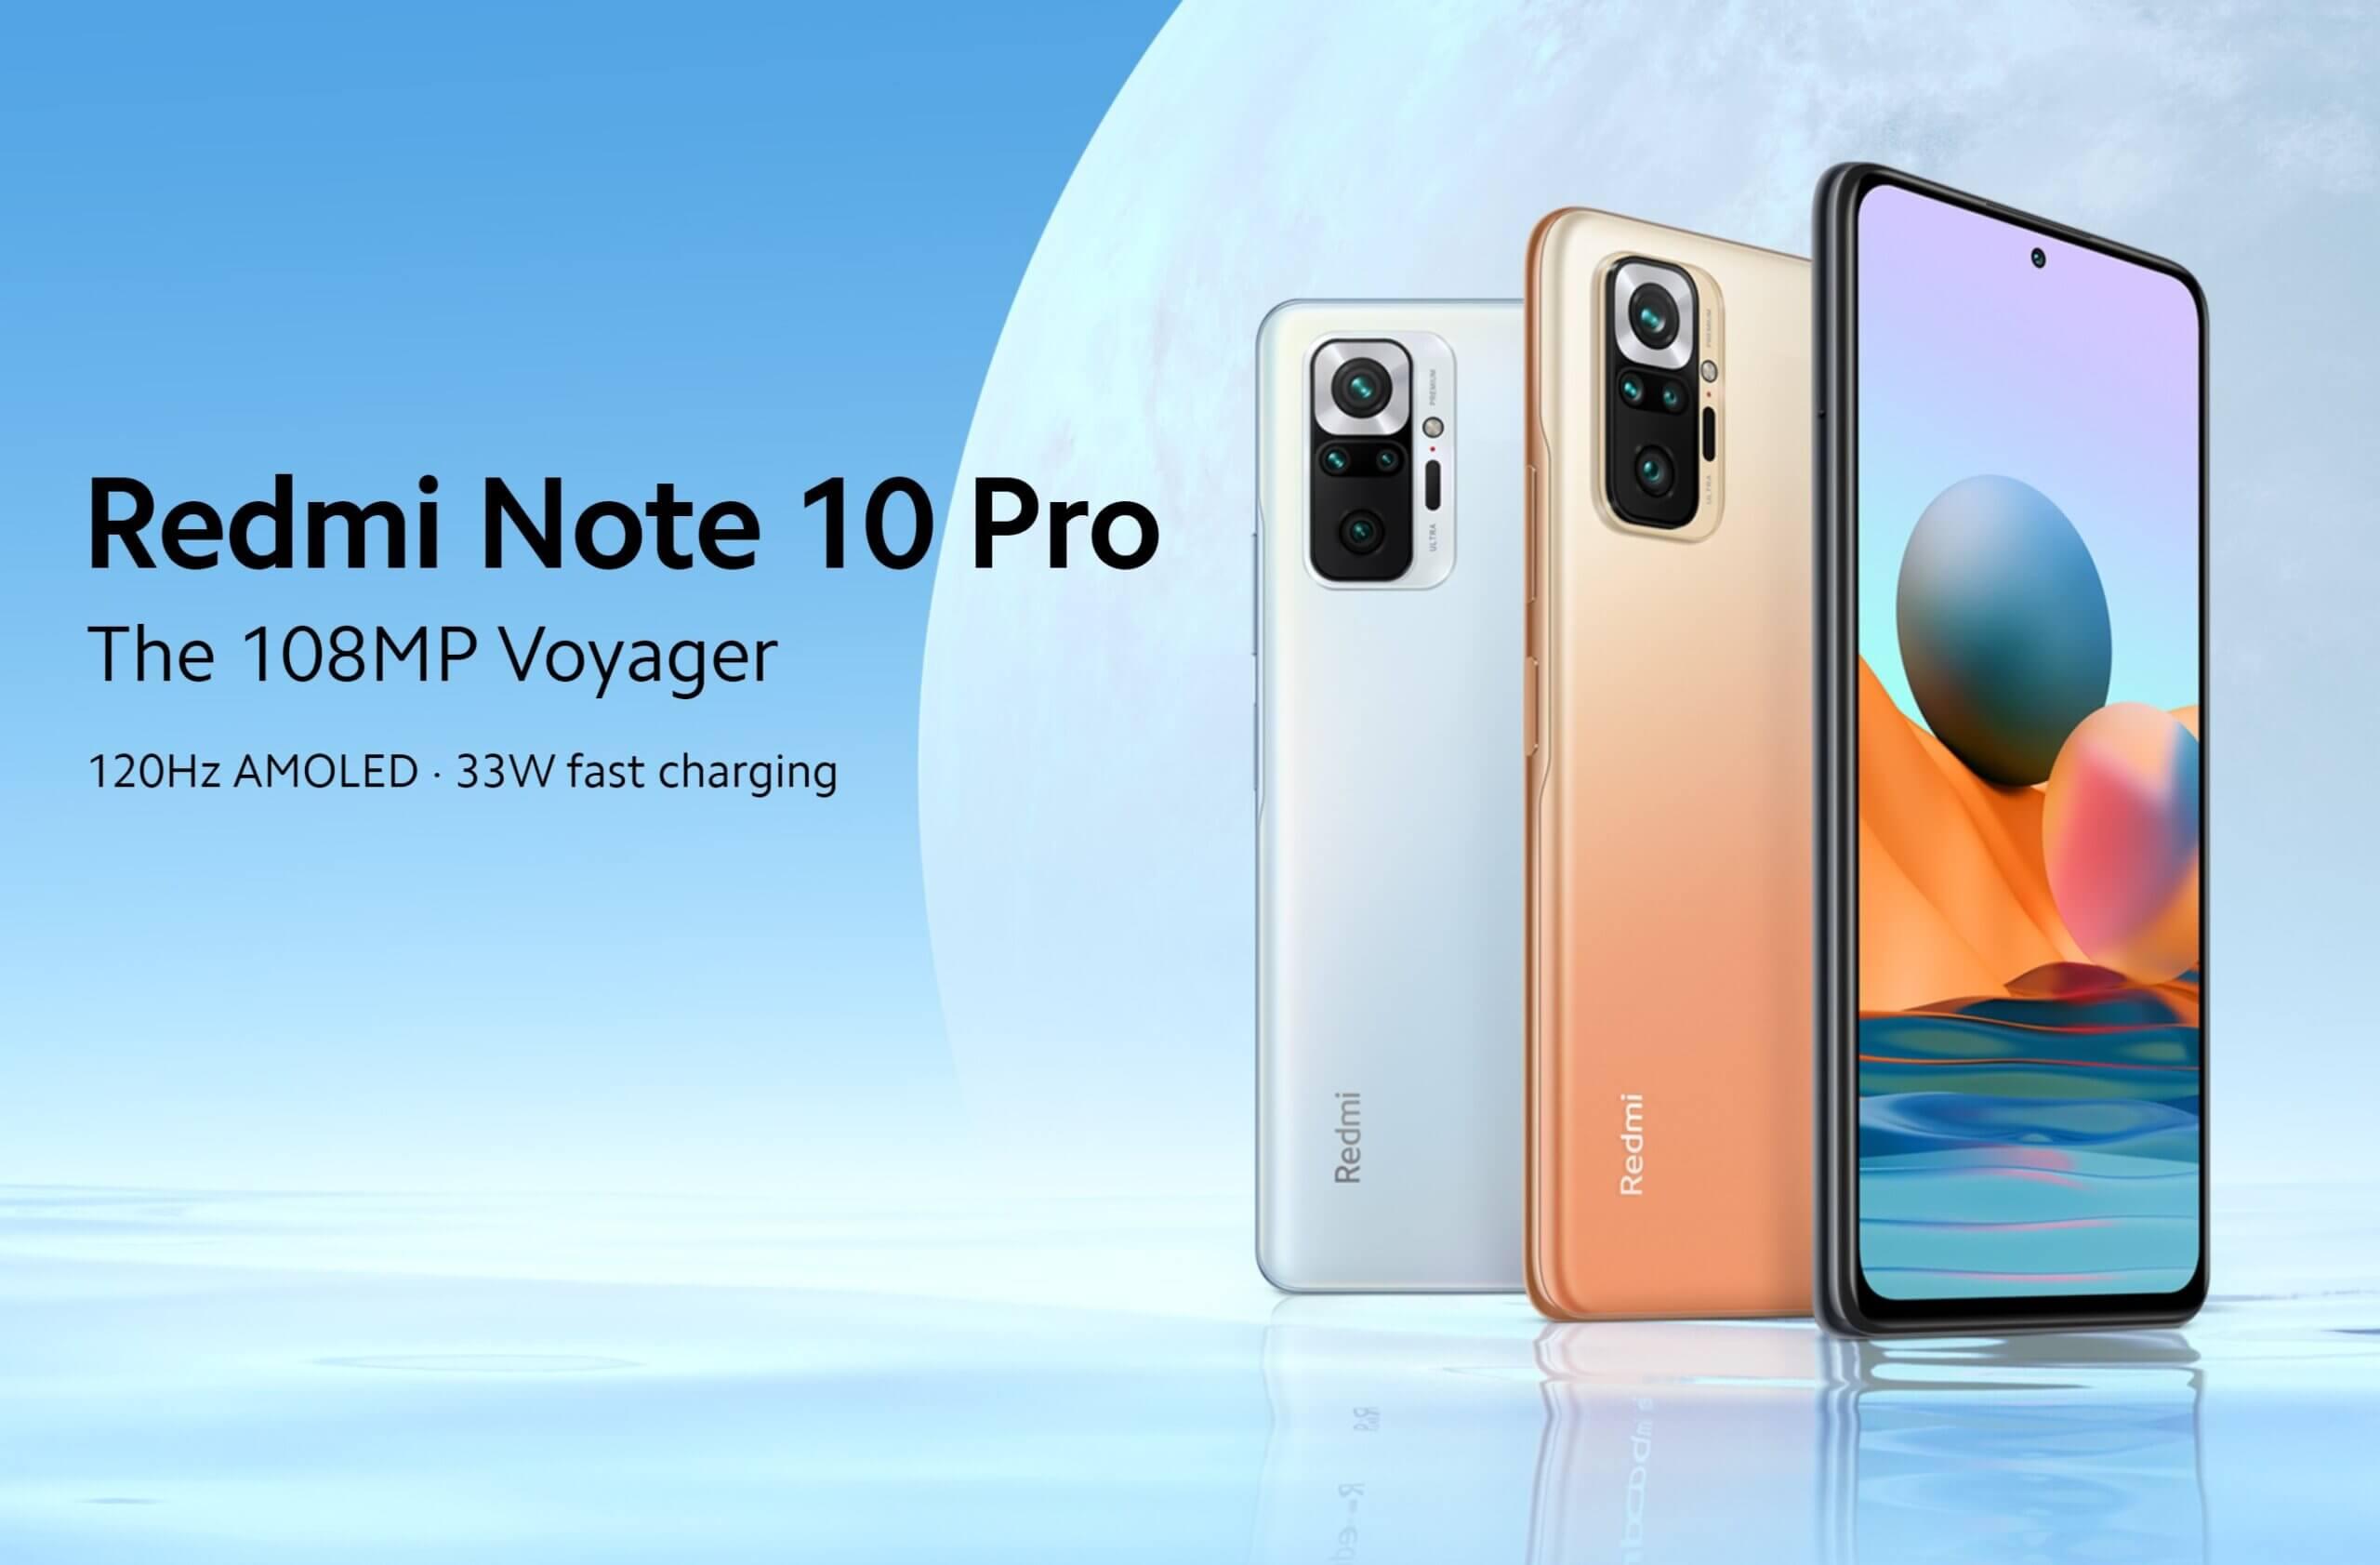 3万円台で購入出来る4G対応Redmi Note 10 Proは超お買い得!